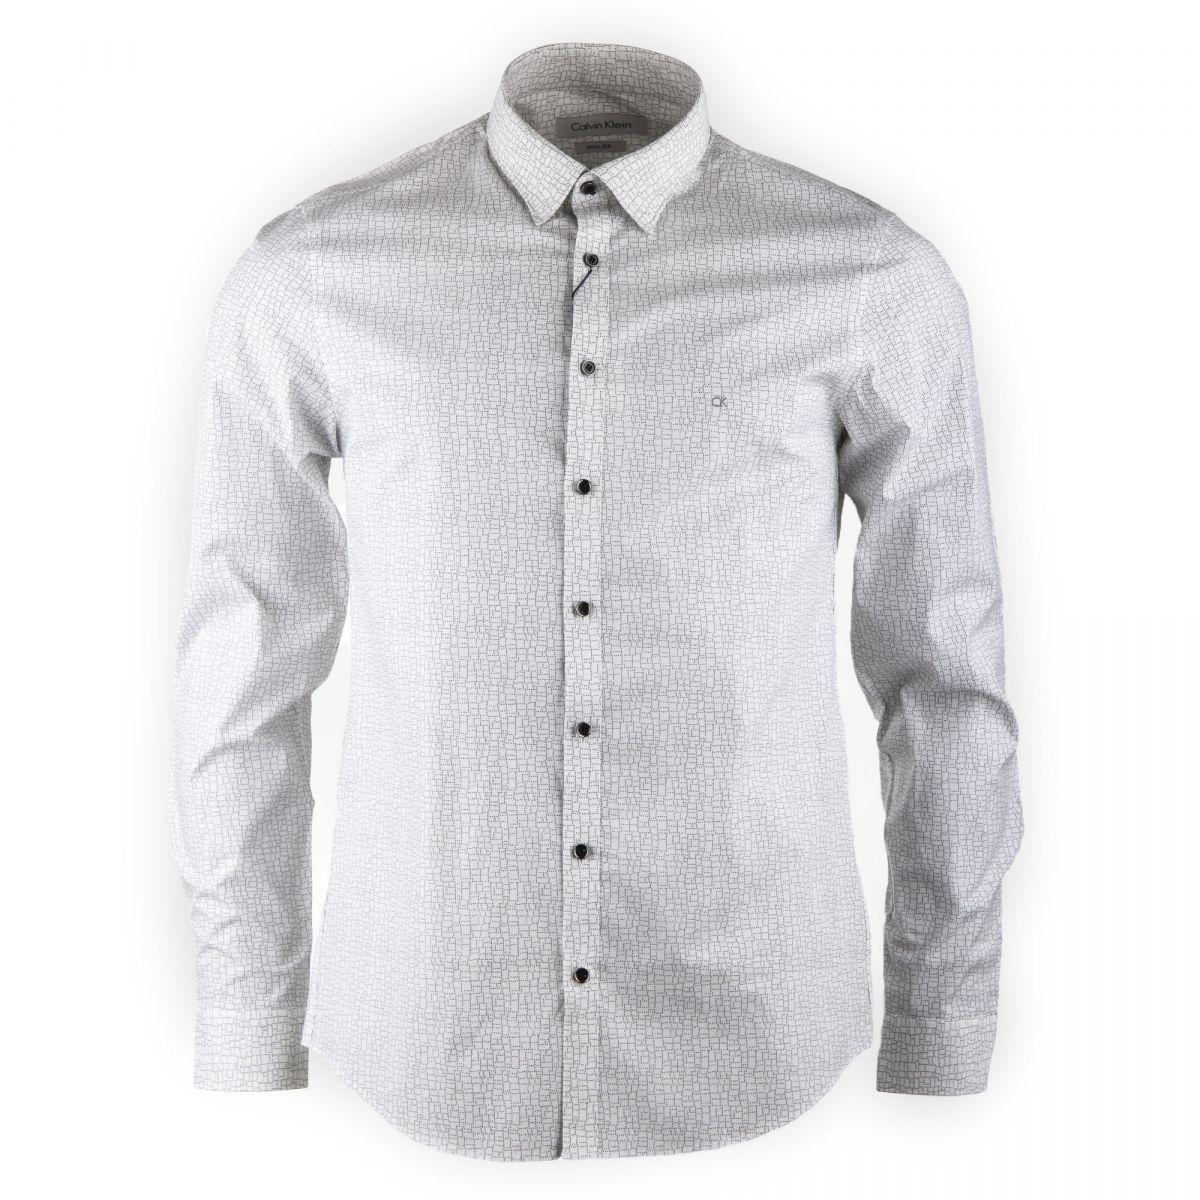 chemise blanche imprim e manches longues homme calvin klein prix. Black Bedroom Furniture Sets. Home Design Ideas